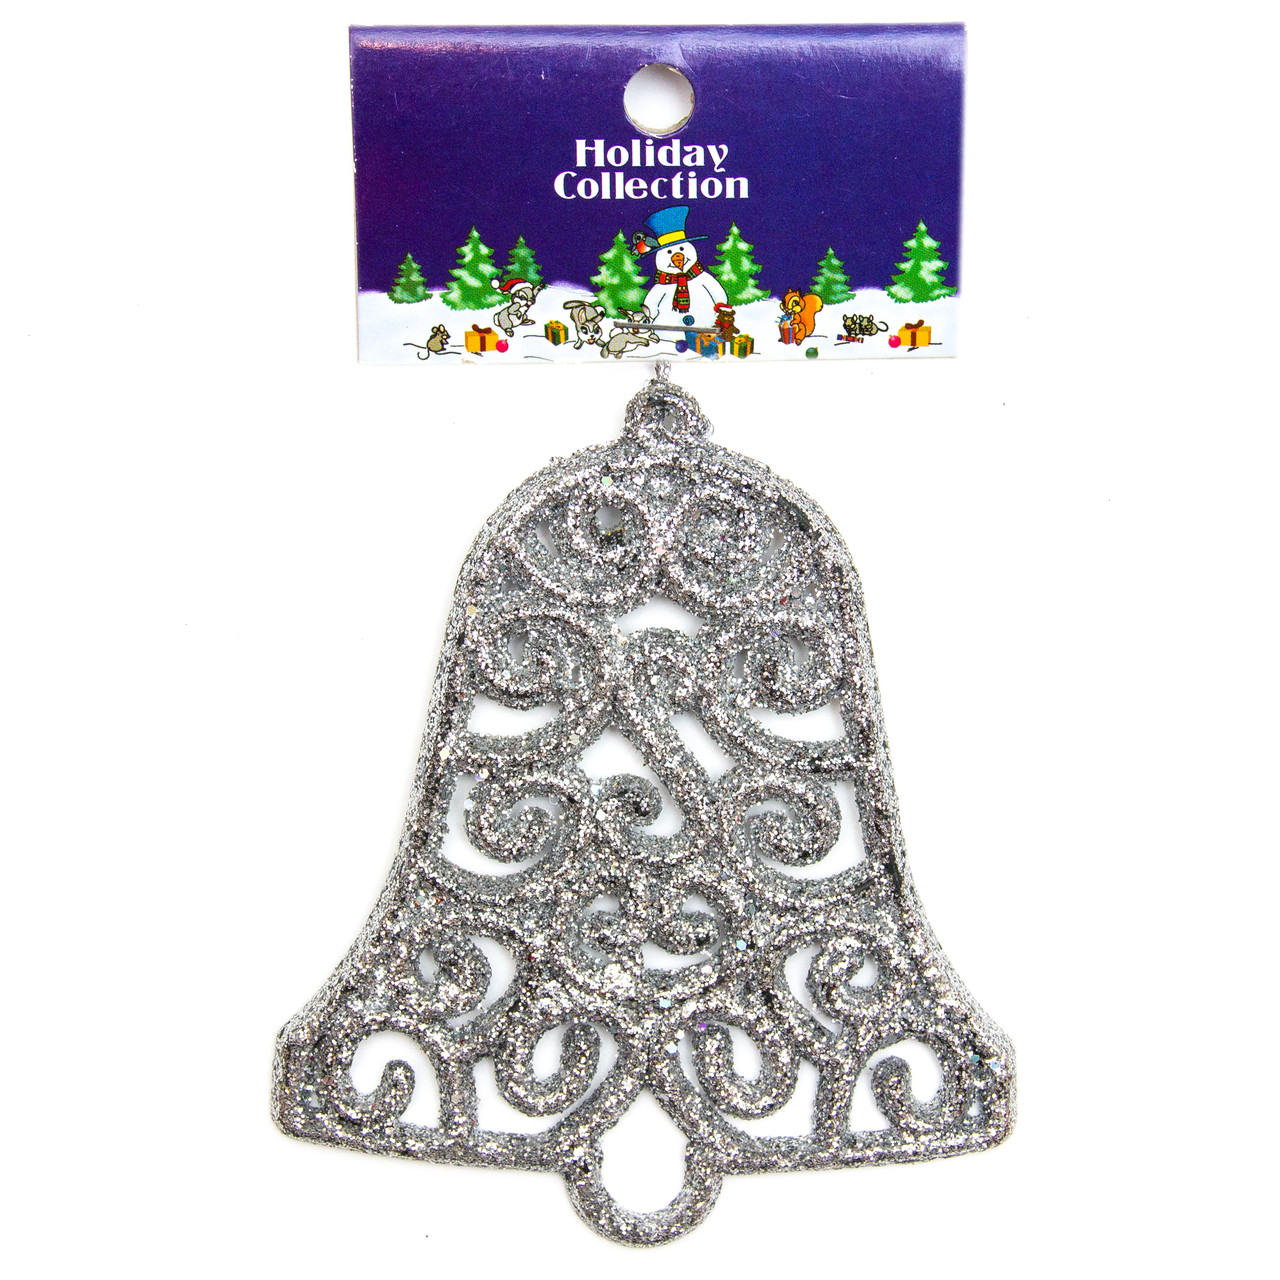 Елочная игрушка - Серебряный колокольчик, 10 см, серебристый, пластик (000678-5)